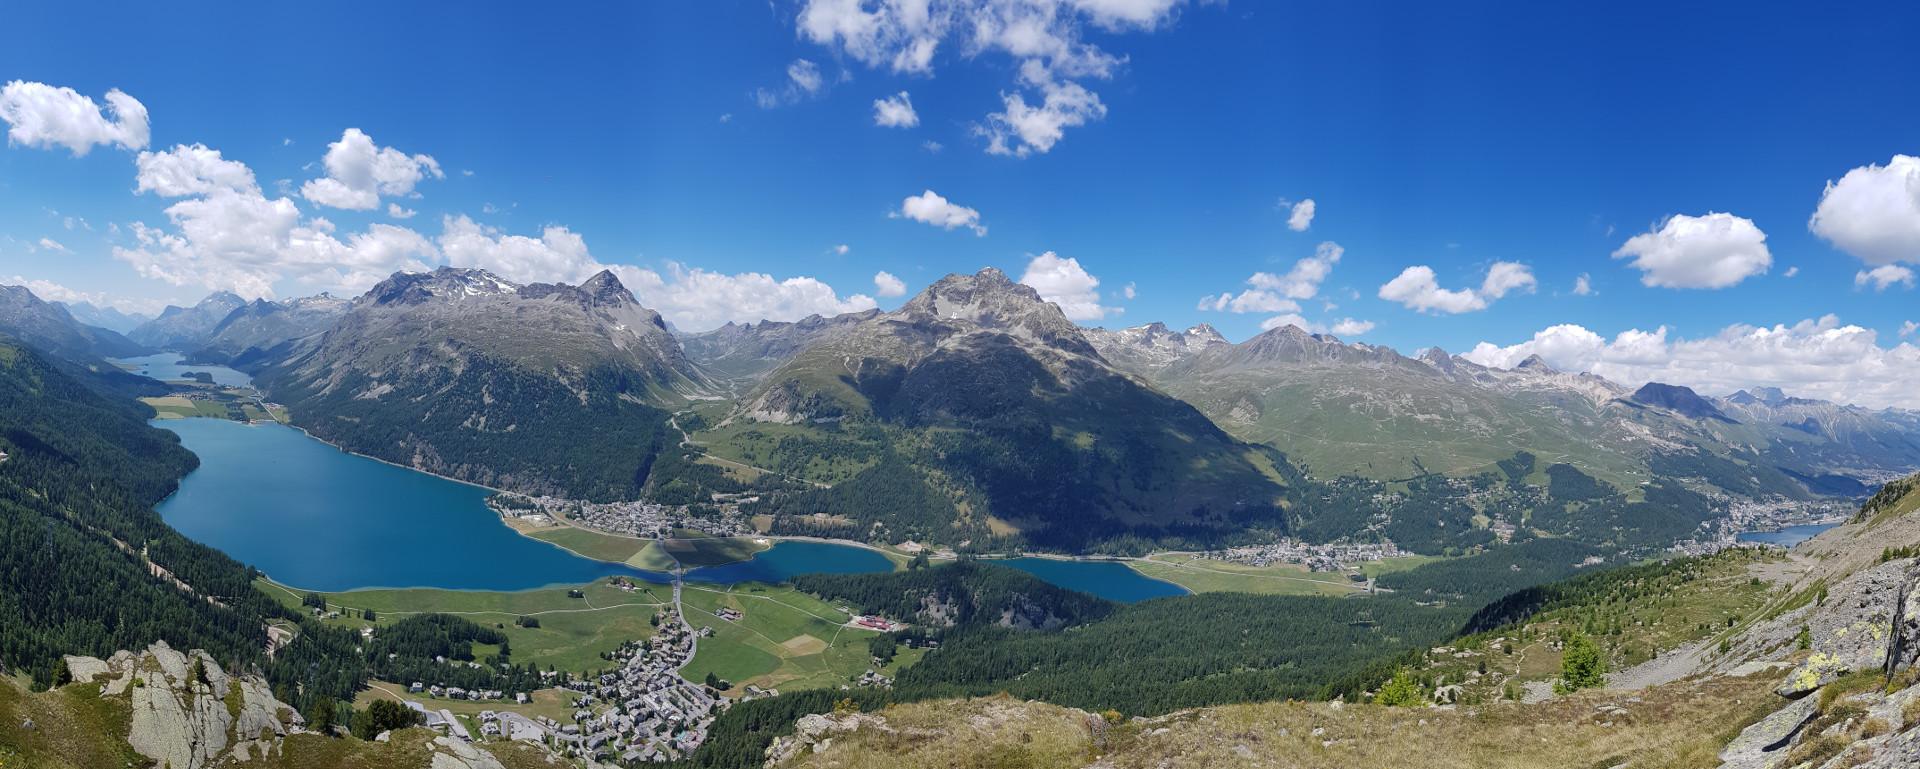 Engadine, Surlej, Crap Alv, view from Maloja to St. Moritz